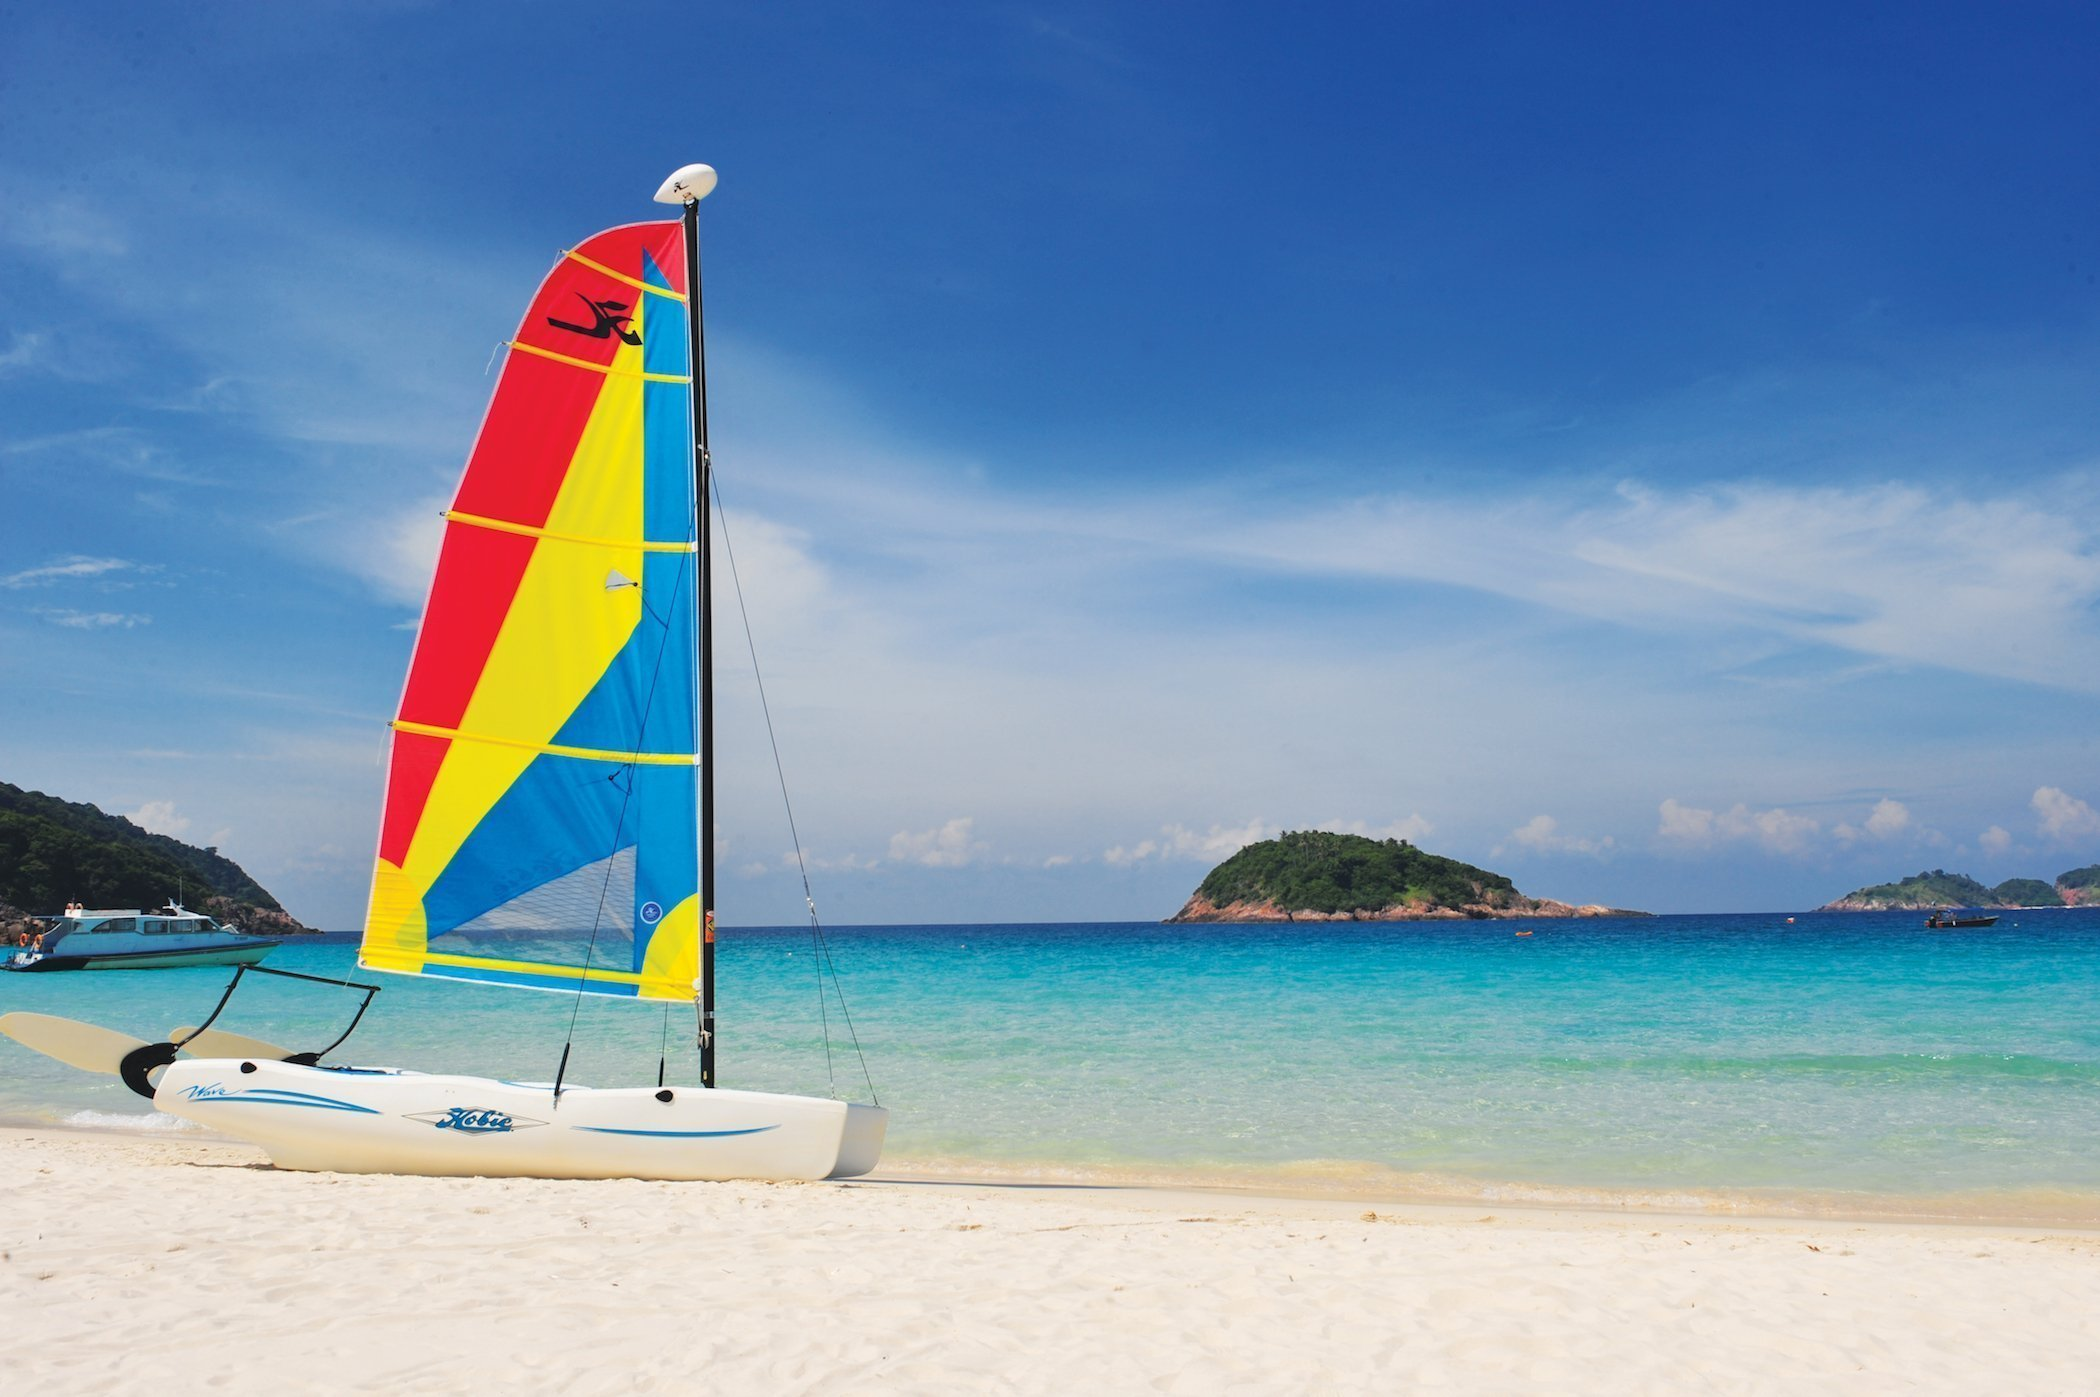 Bellissima spiaggia sull'isola di Redang, Malesia